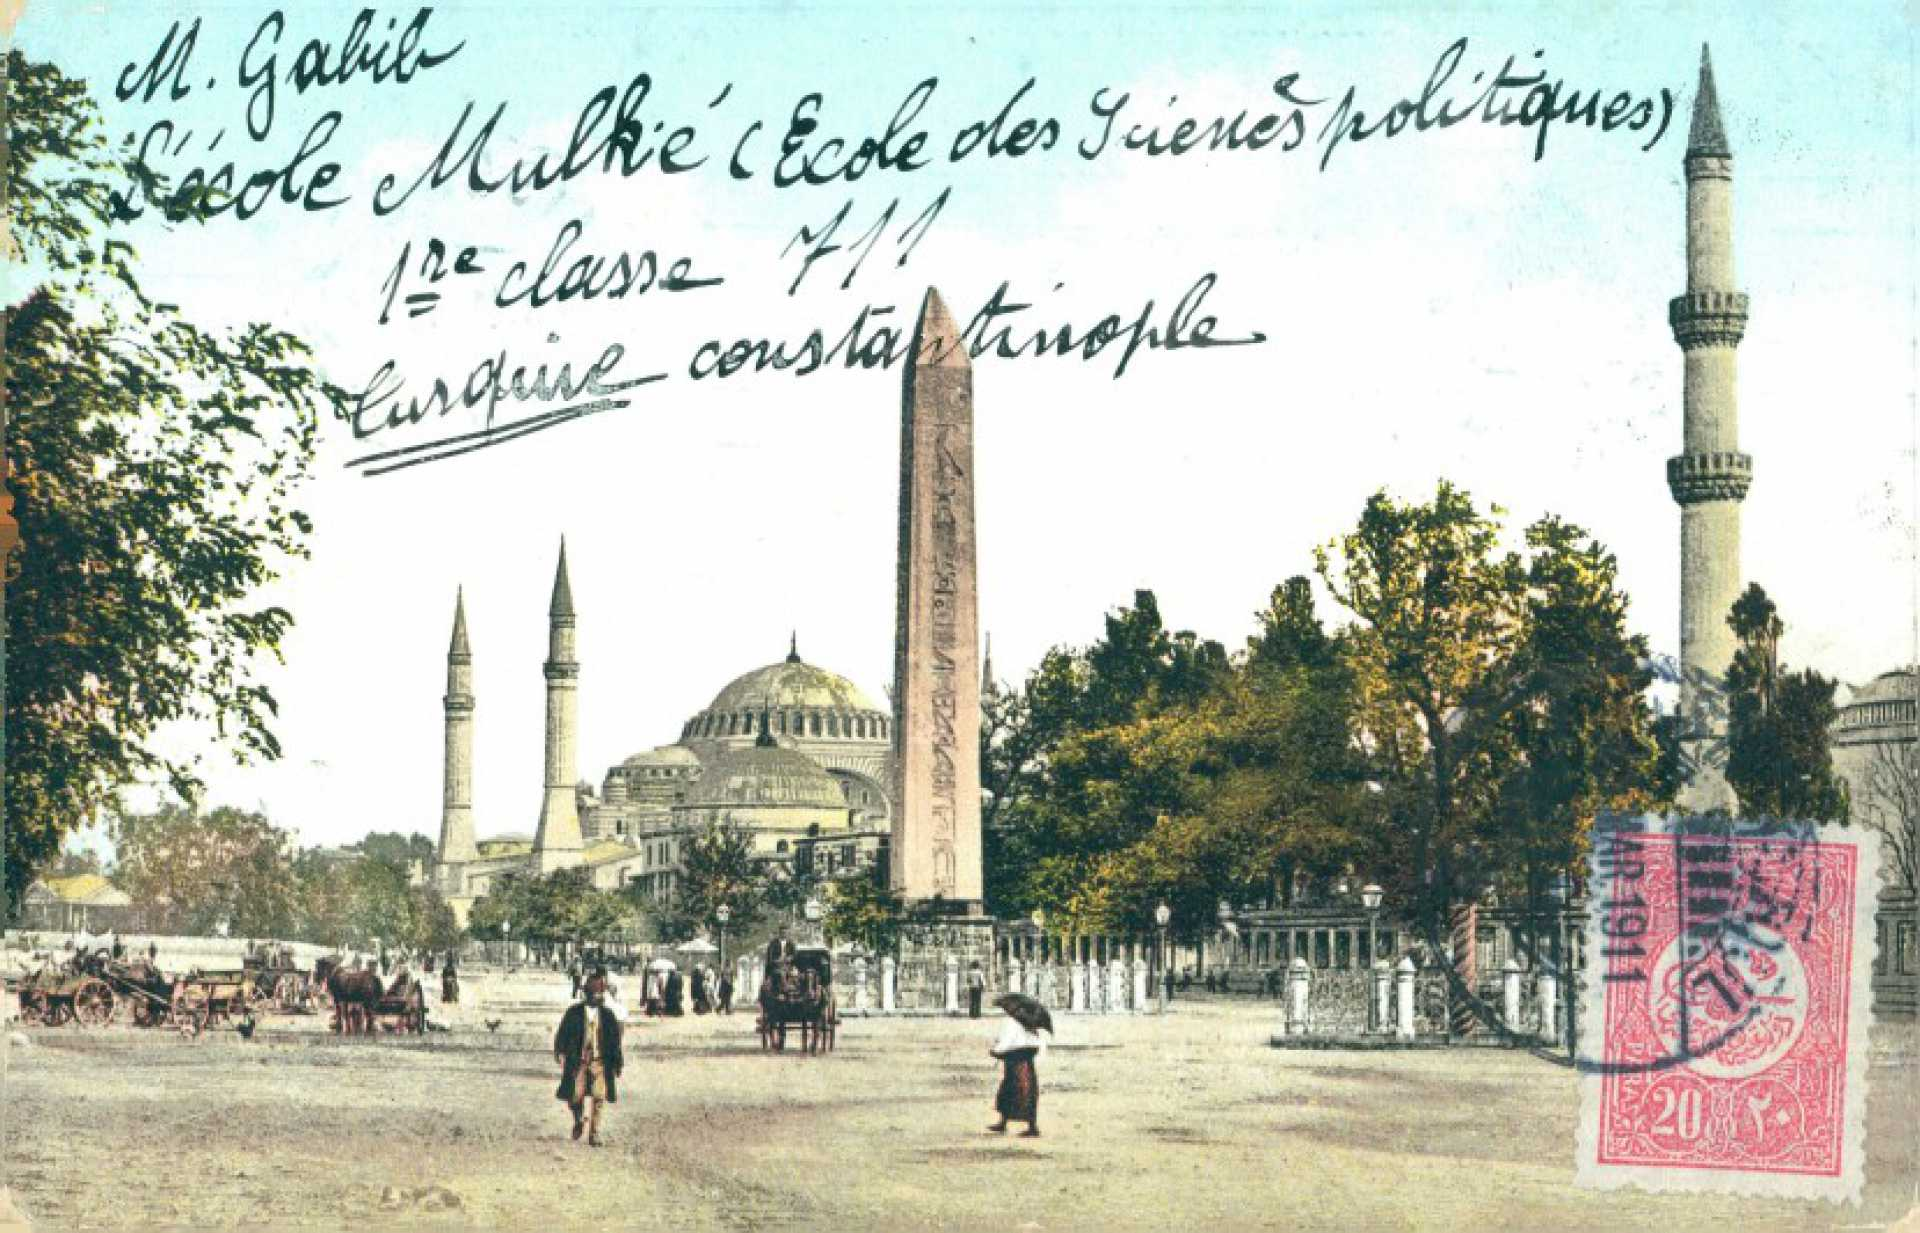 M. Gabib L'ecolo Mulkie  (Ecole des Scienes politiques) 1re classe 711 Turquie Constantinople